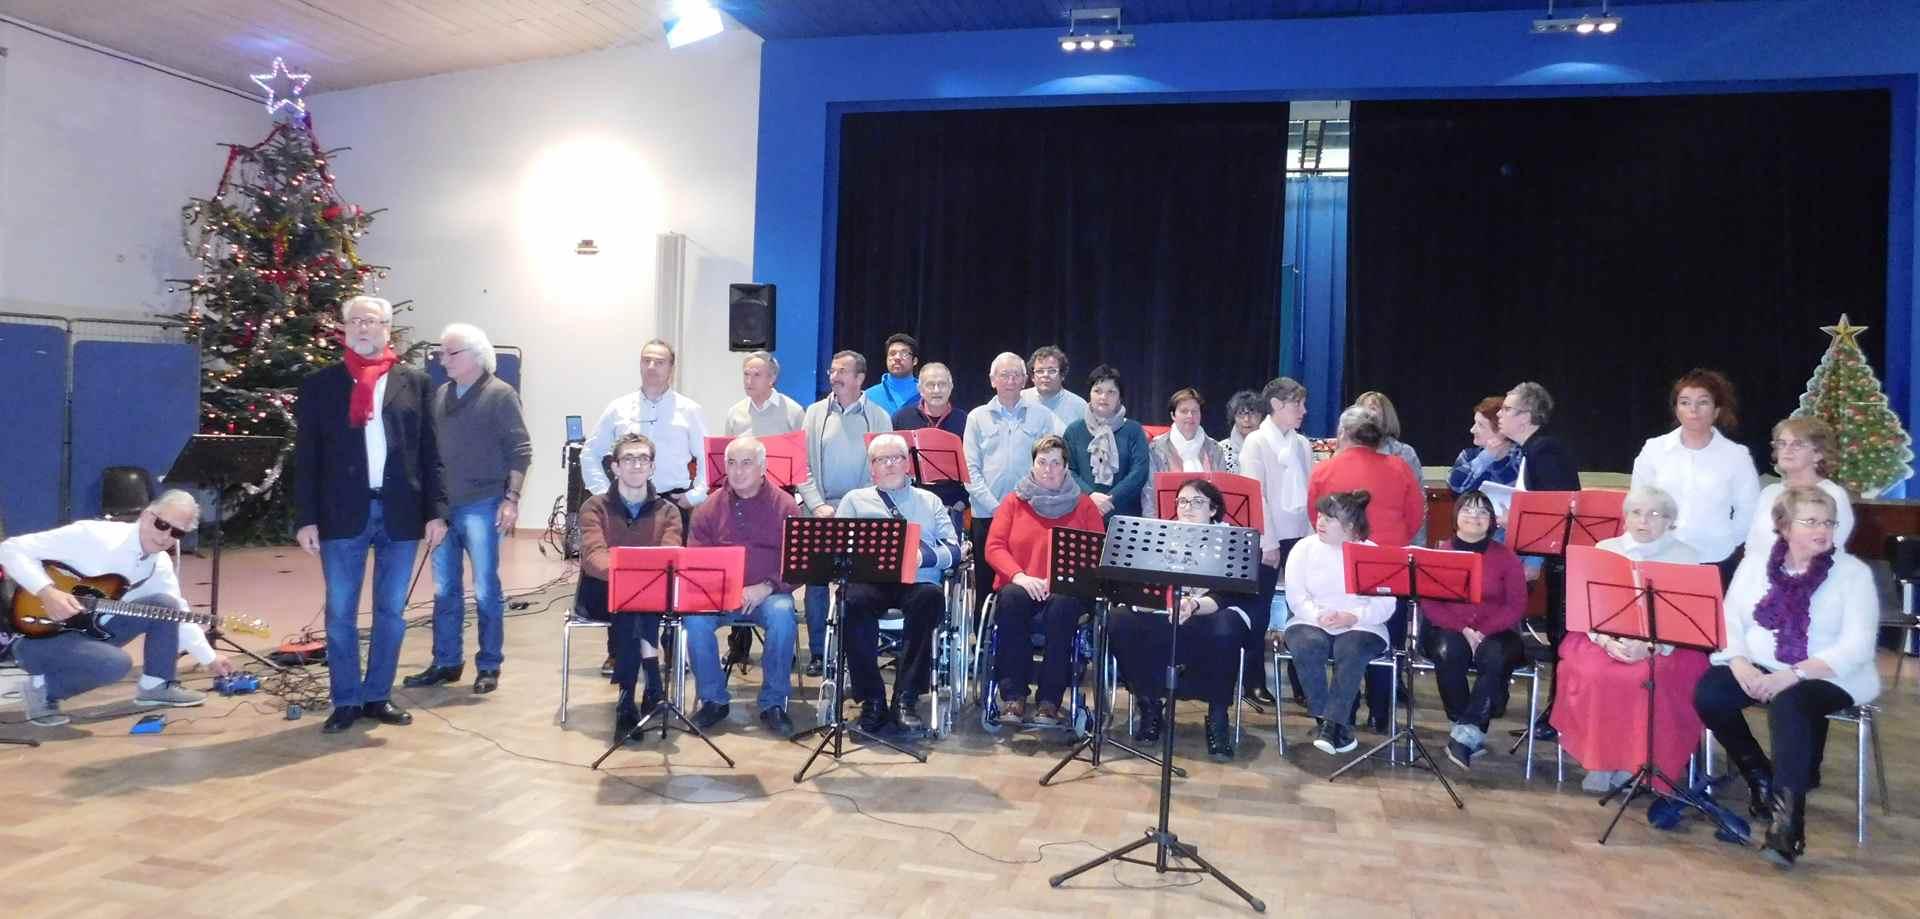 Concert pour le Noel des Associations Caritatives de Lannemezan